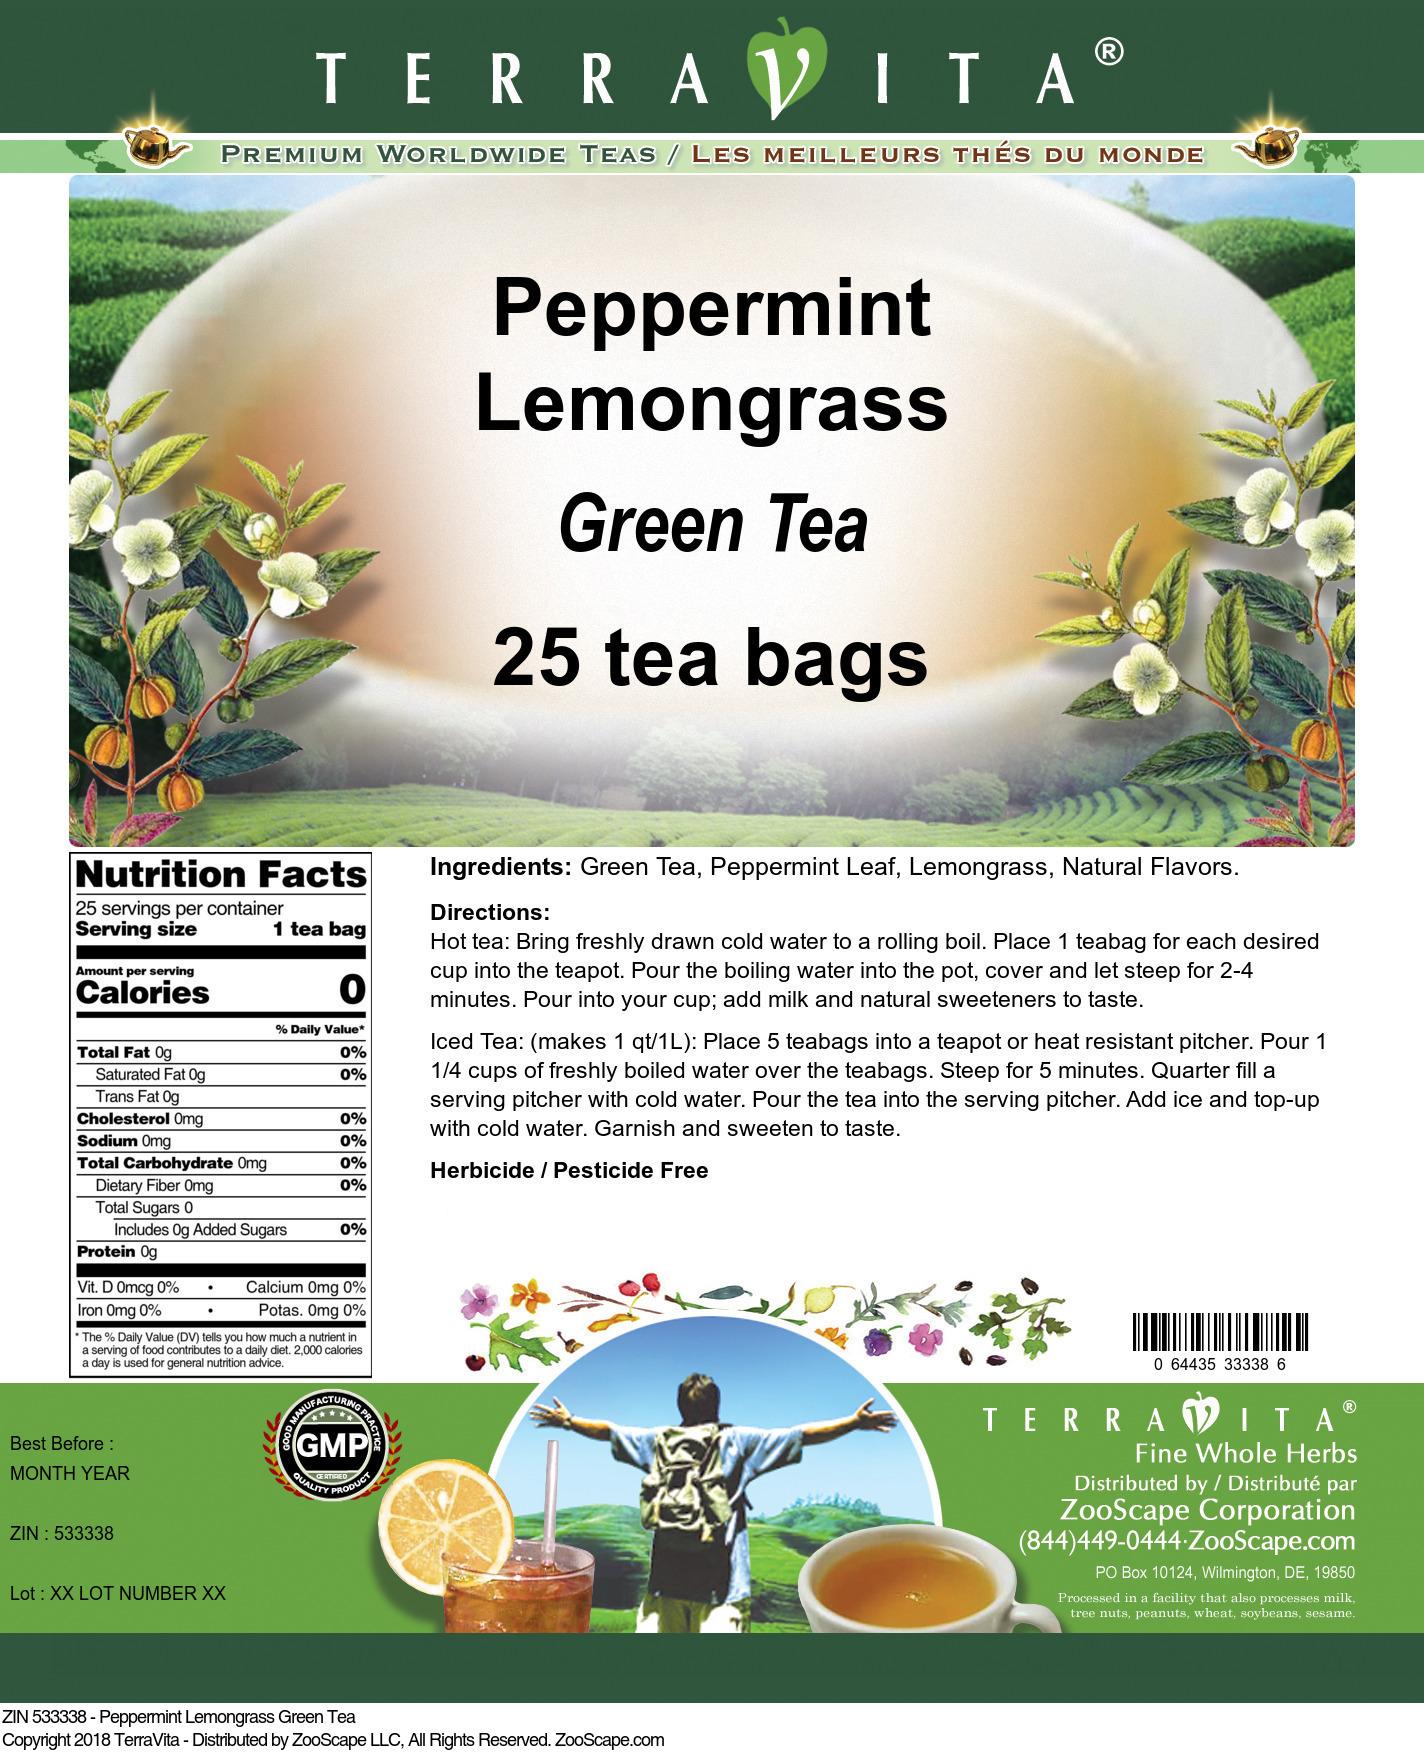 Peppermint Lemongrass Green Tea